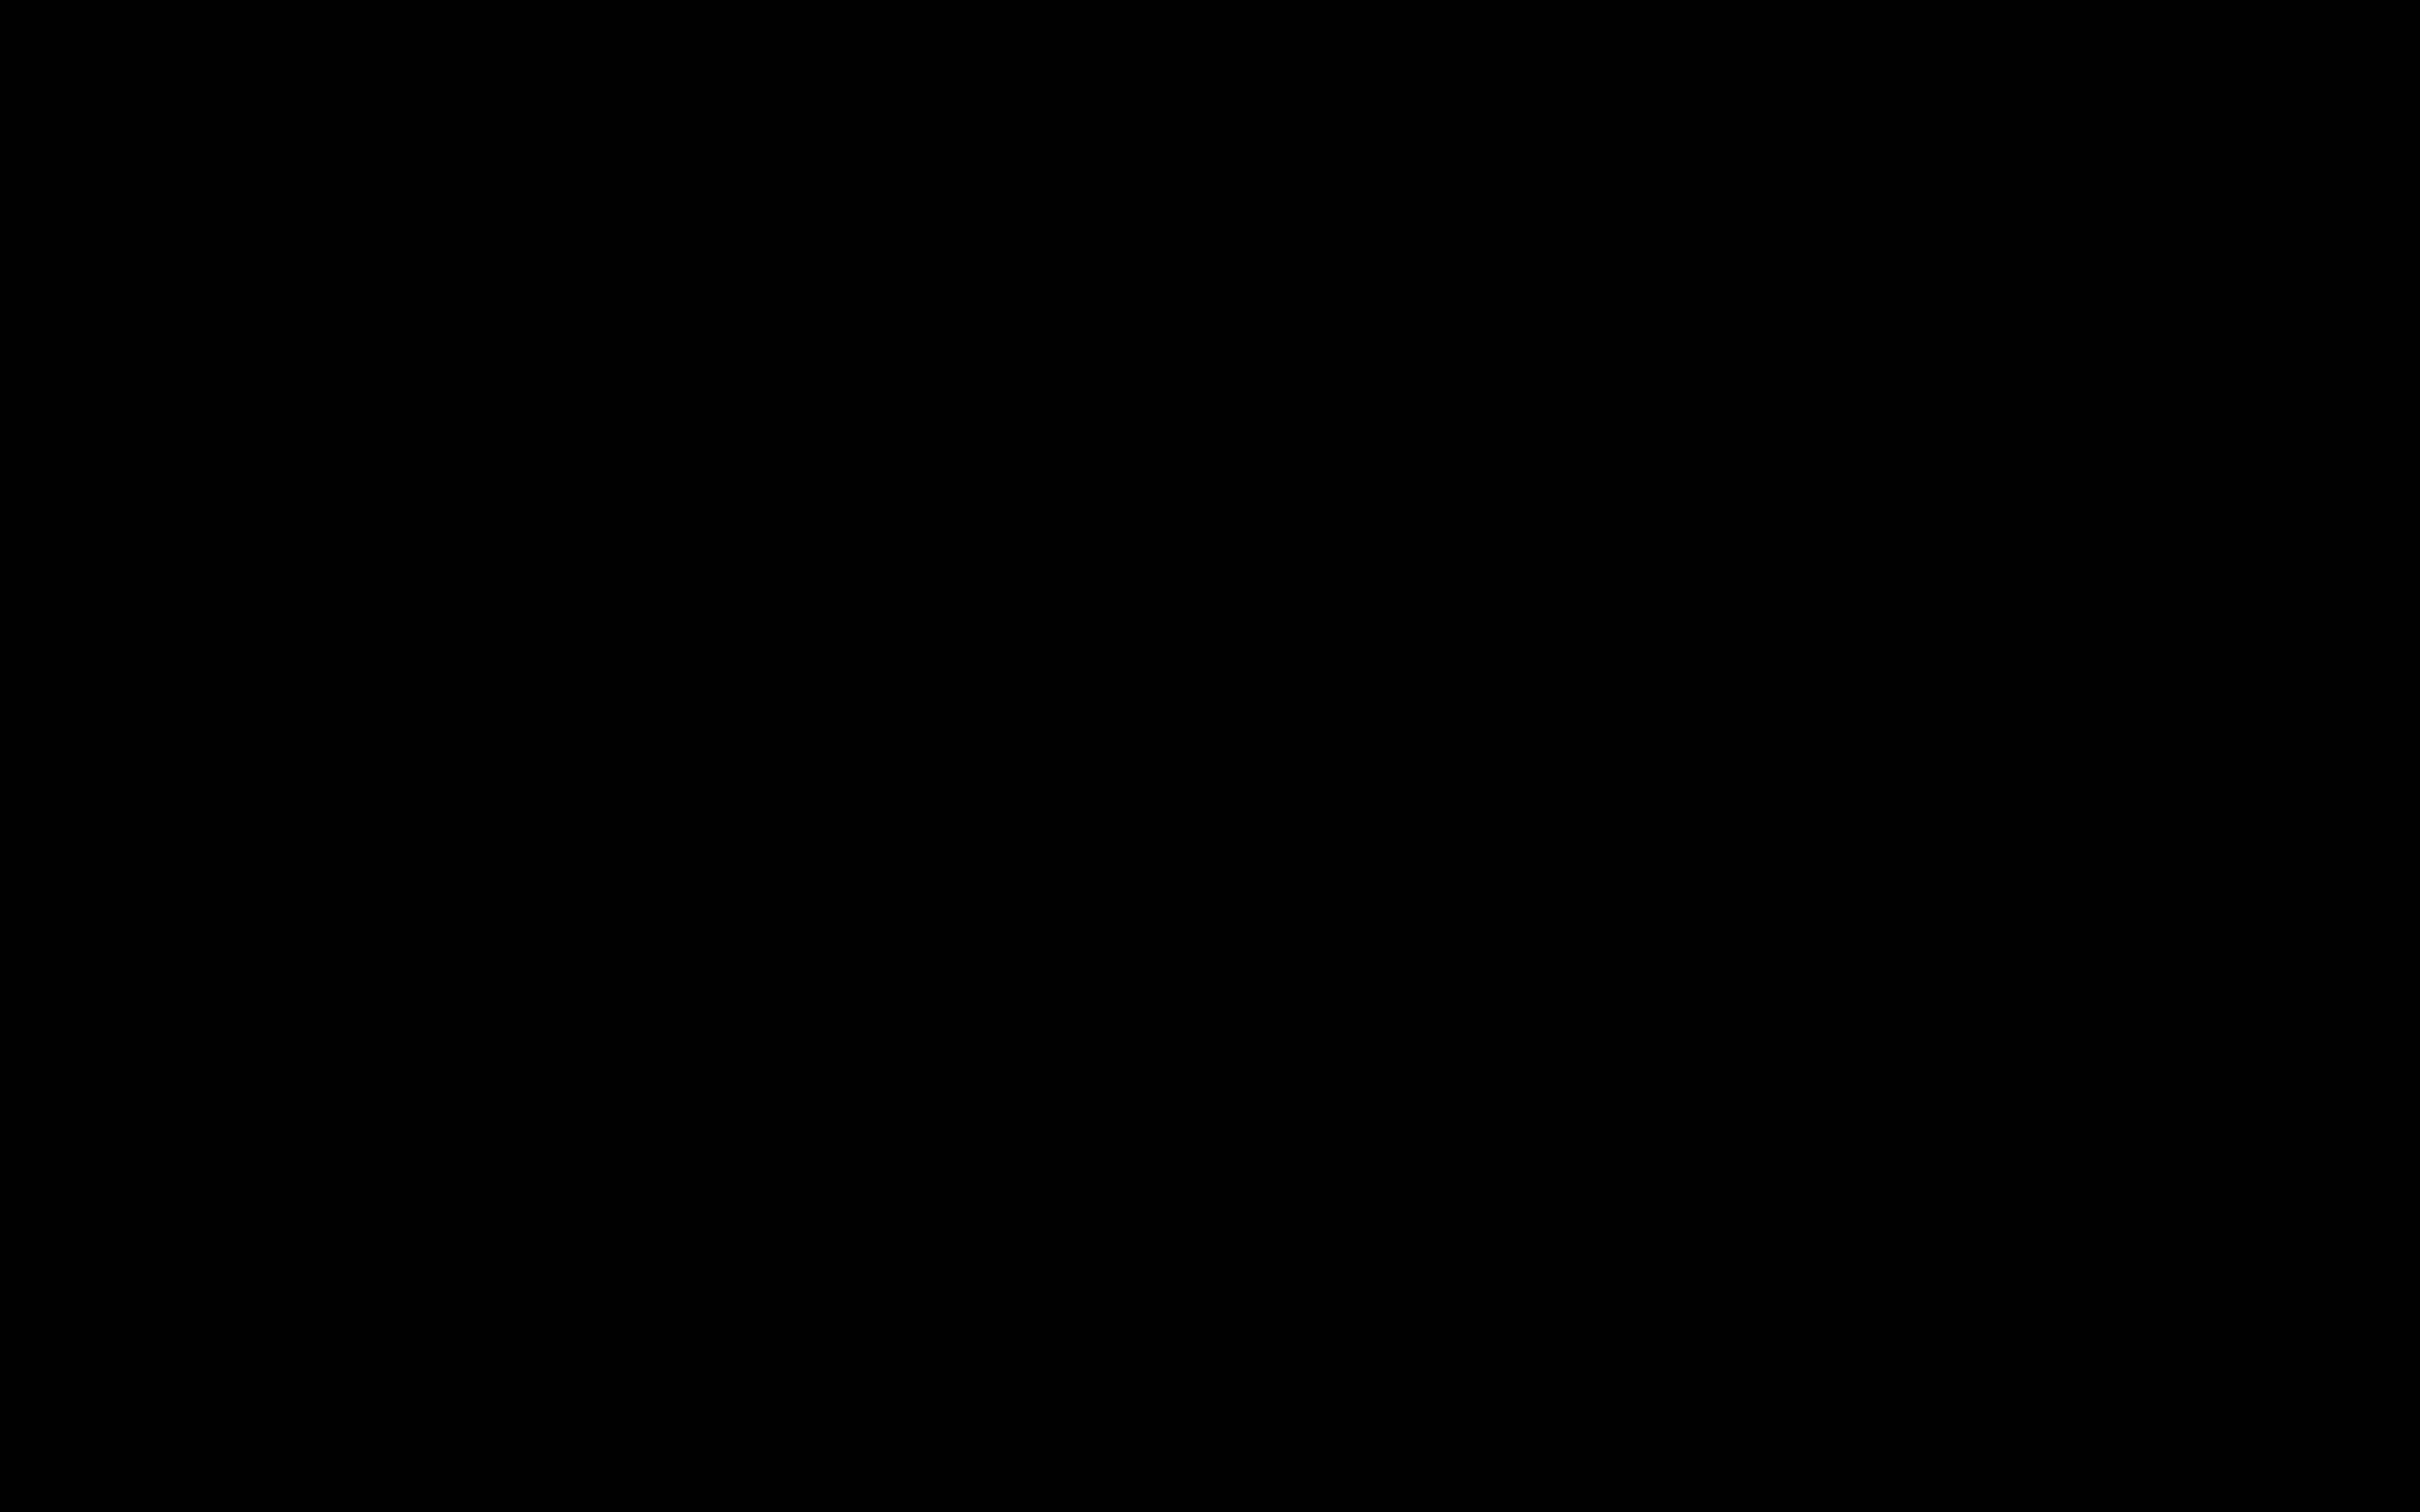 1448719283-76b023d4da5d4f75b887a8ba932555d4